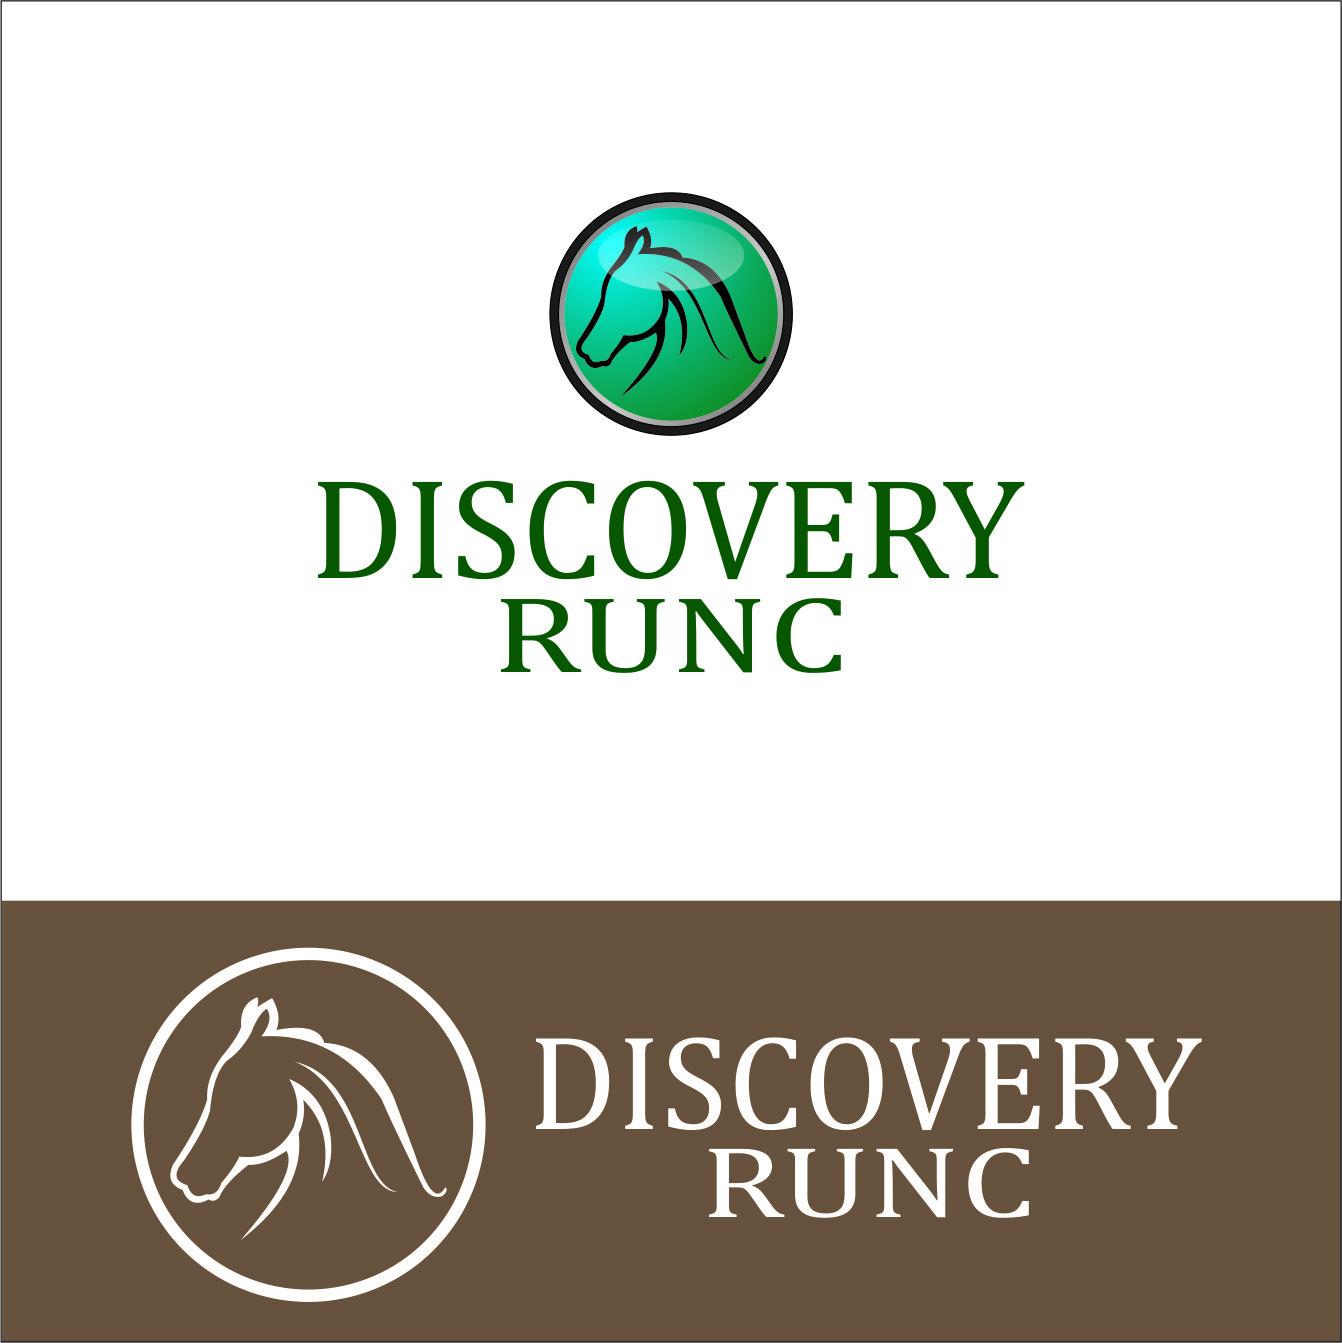 Logo Design by Agus Martoyo - Entry No. 87 in the Logo Design Contest Creative Logo Design for Discovery Ranch.